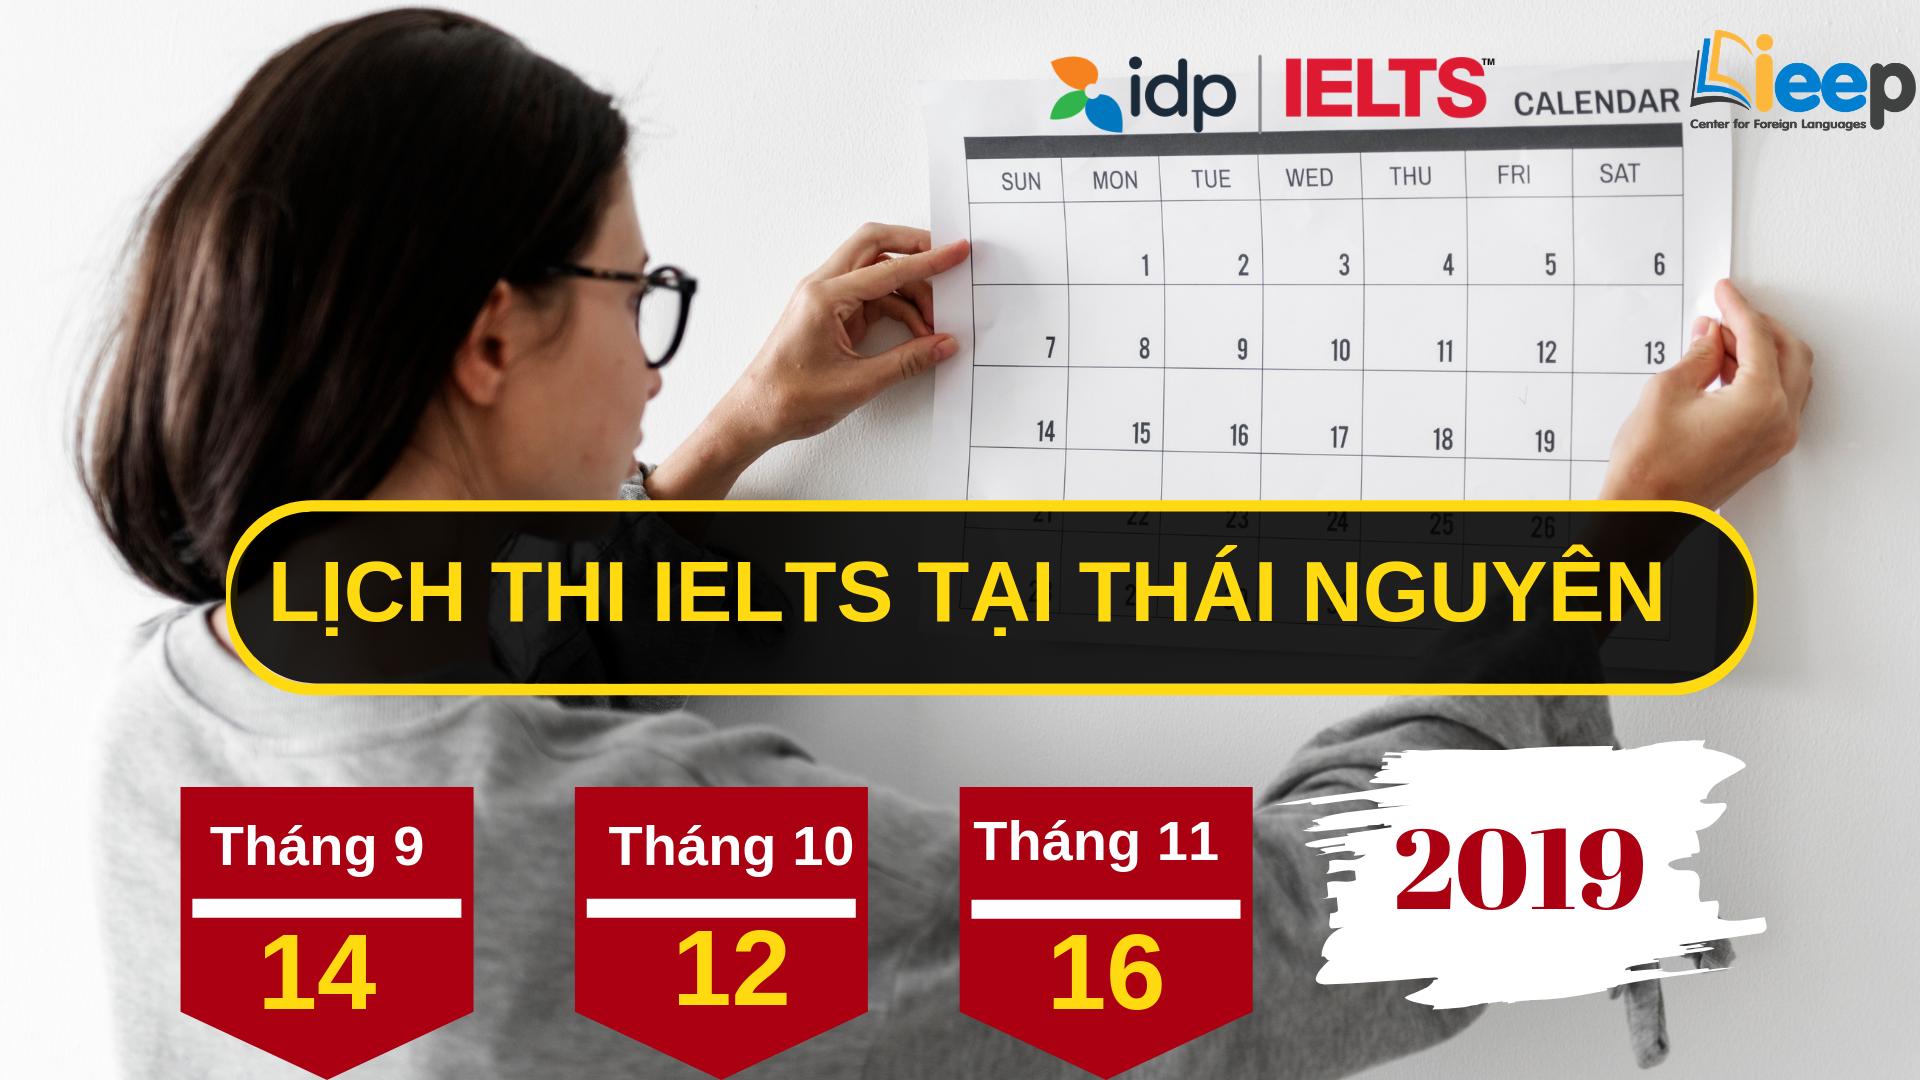 Lịch thi IELTS cùng IDP tại Thái Nguyên 2019